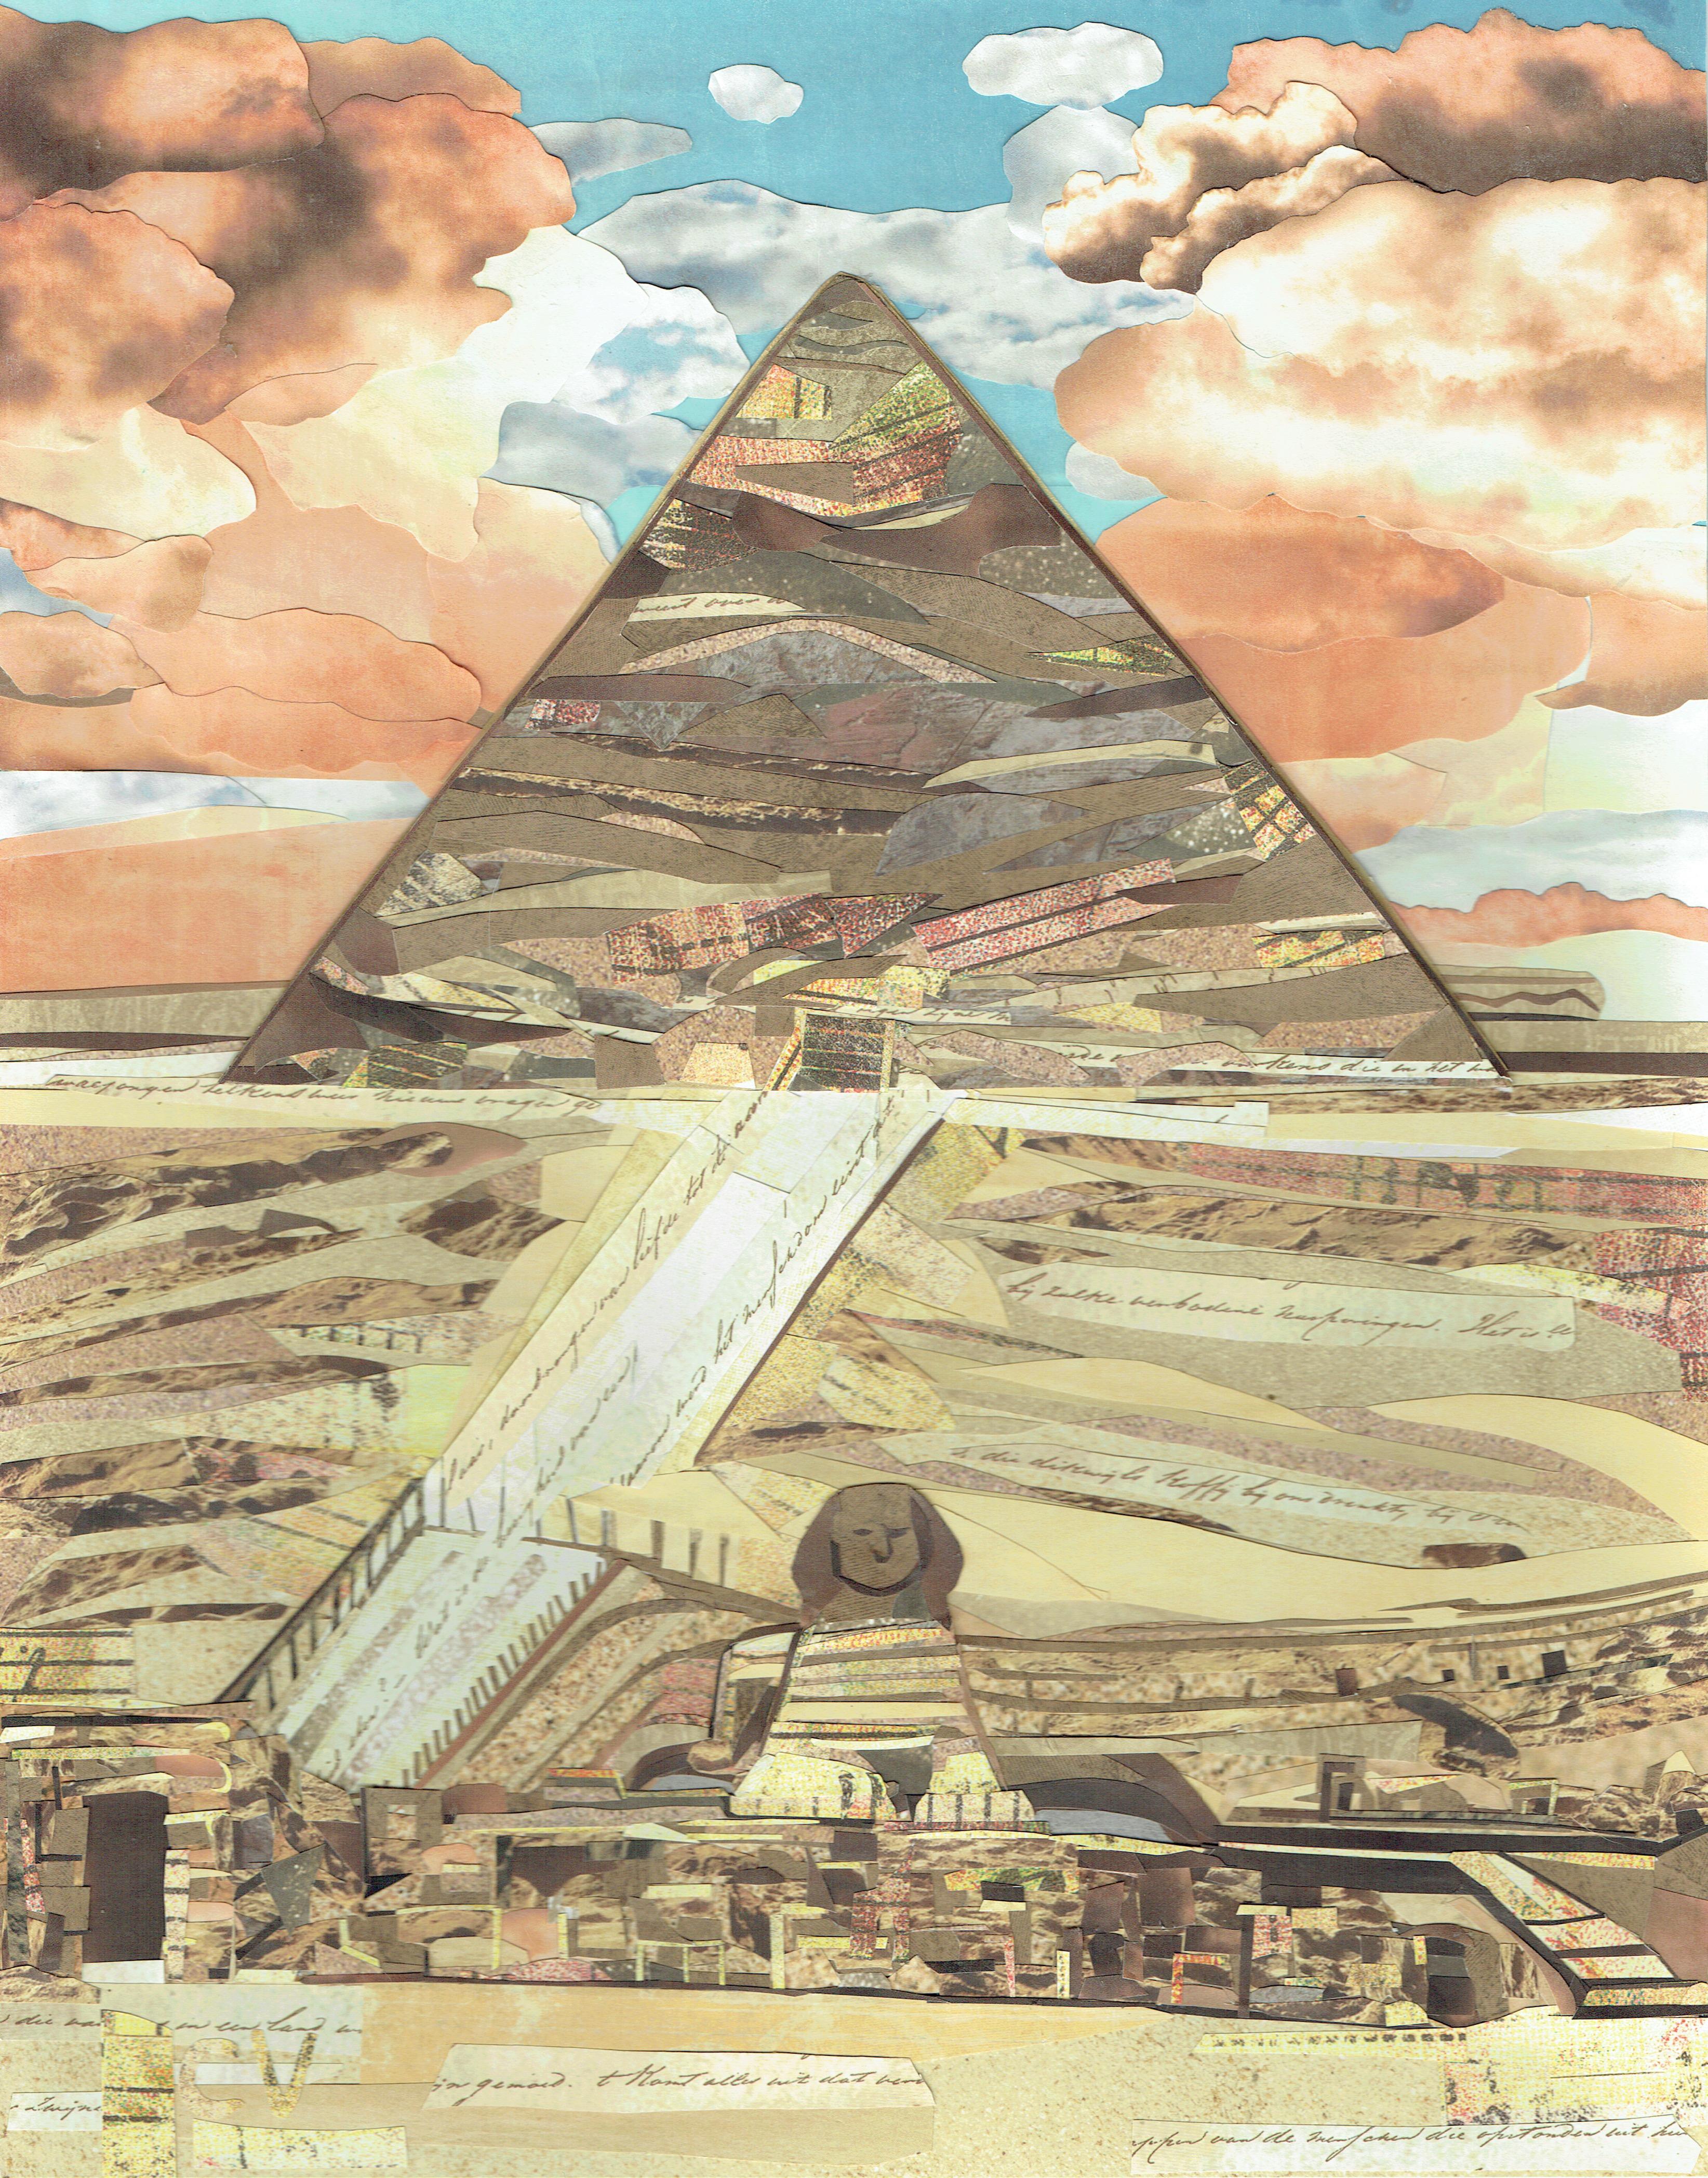 Dan's Pyramid